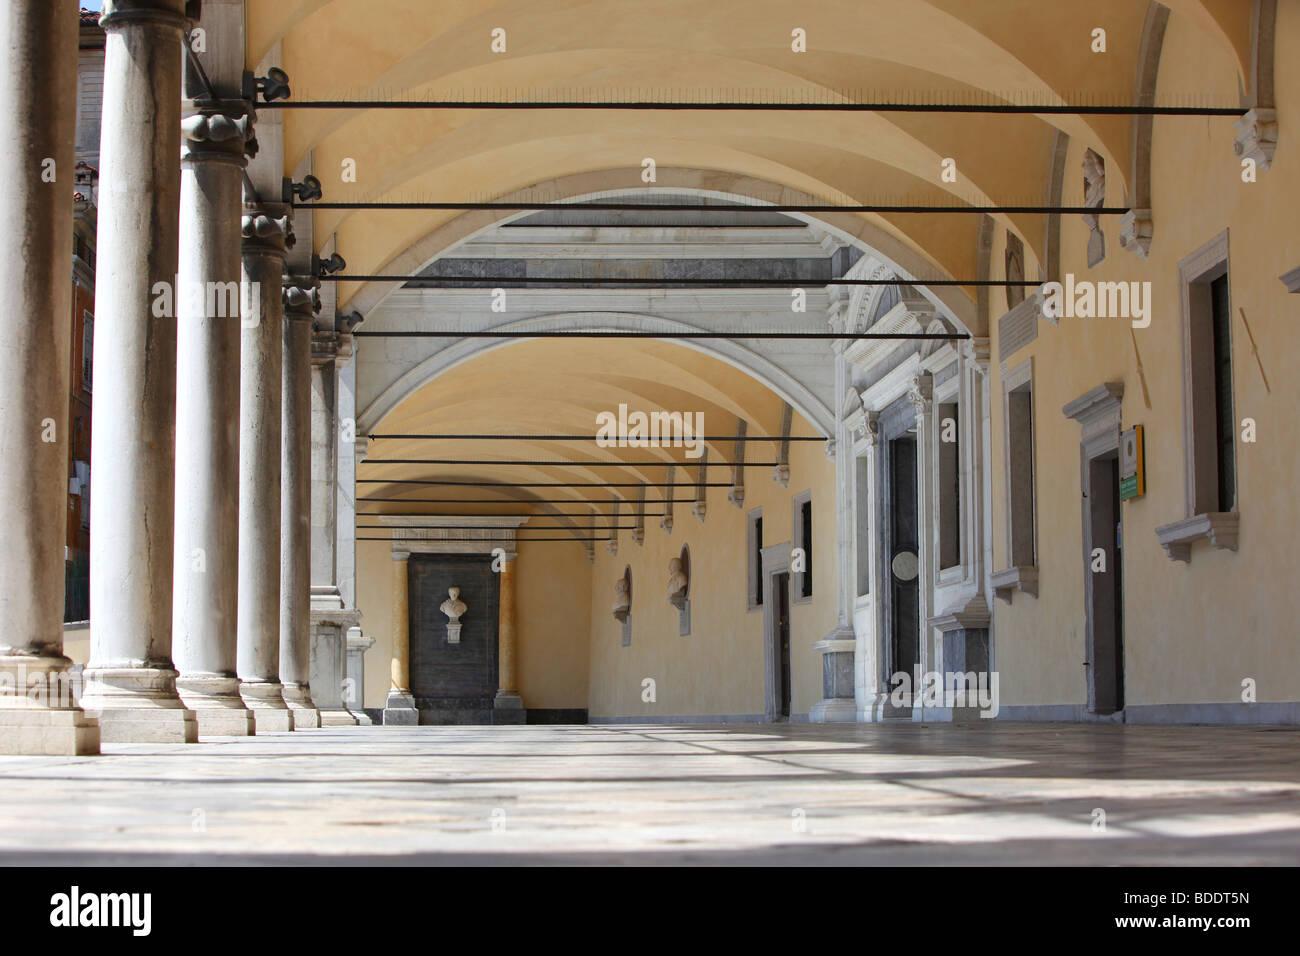 The Loggia of San Giovanni in Piazza Libertà, Udine, Friuli Venezia Giulia, Italy - Stock Image